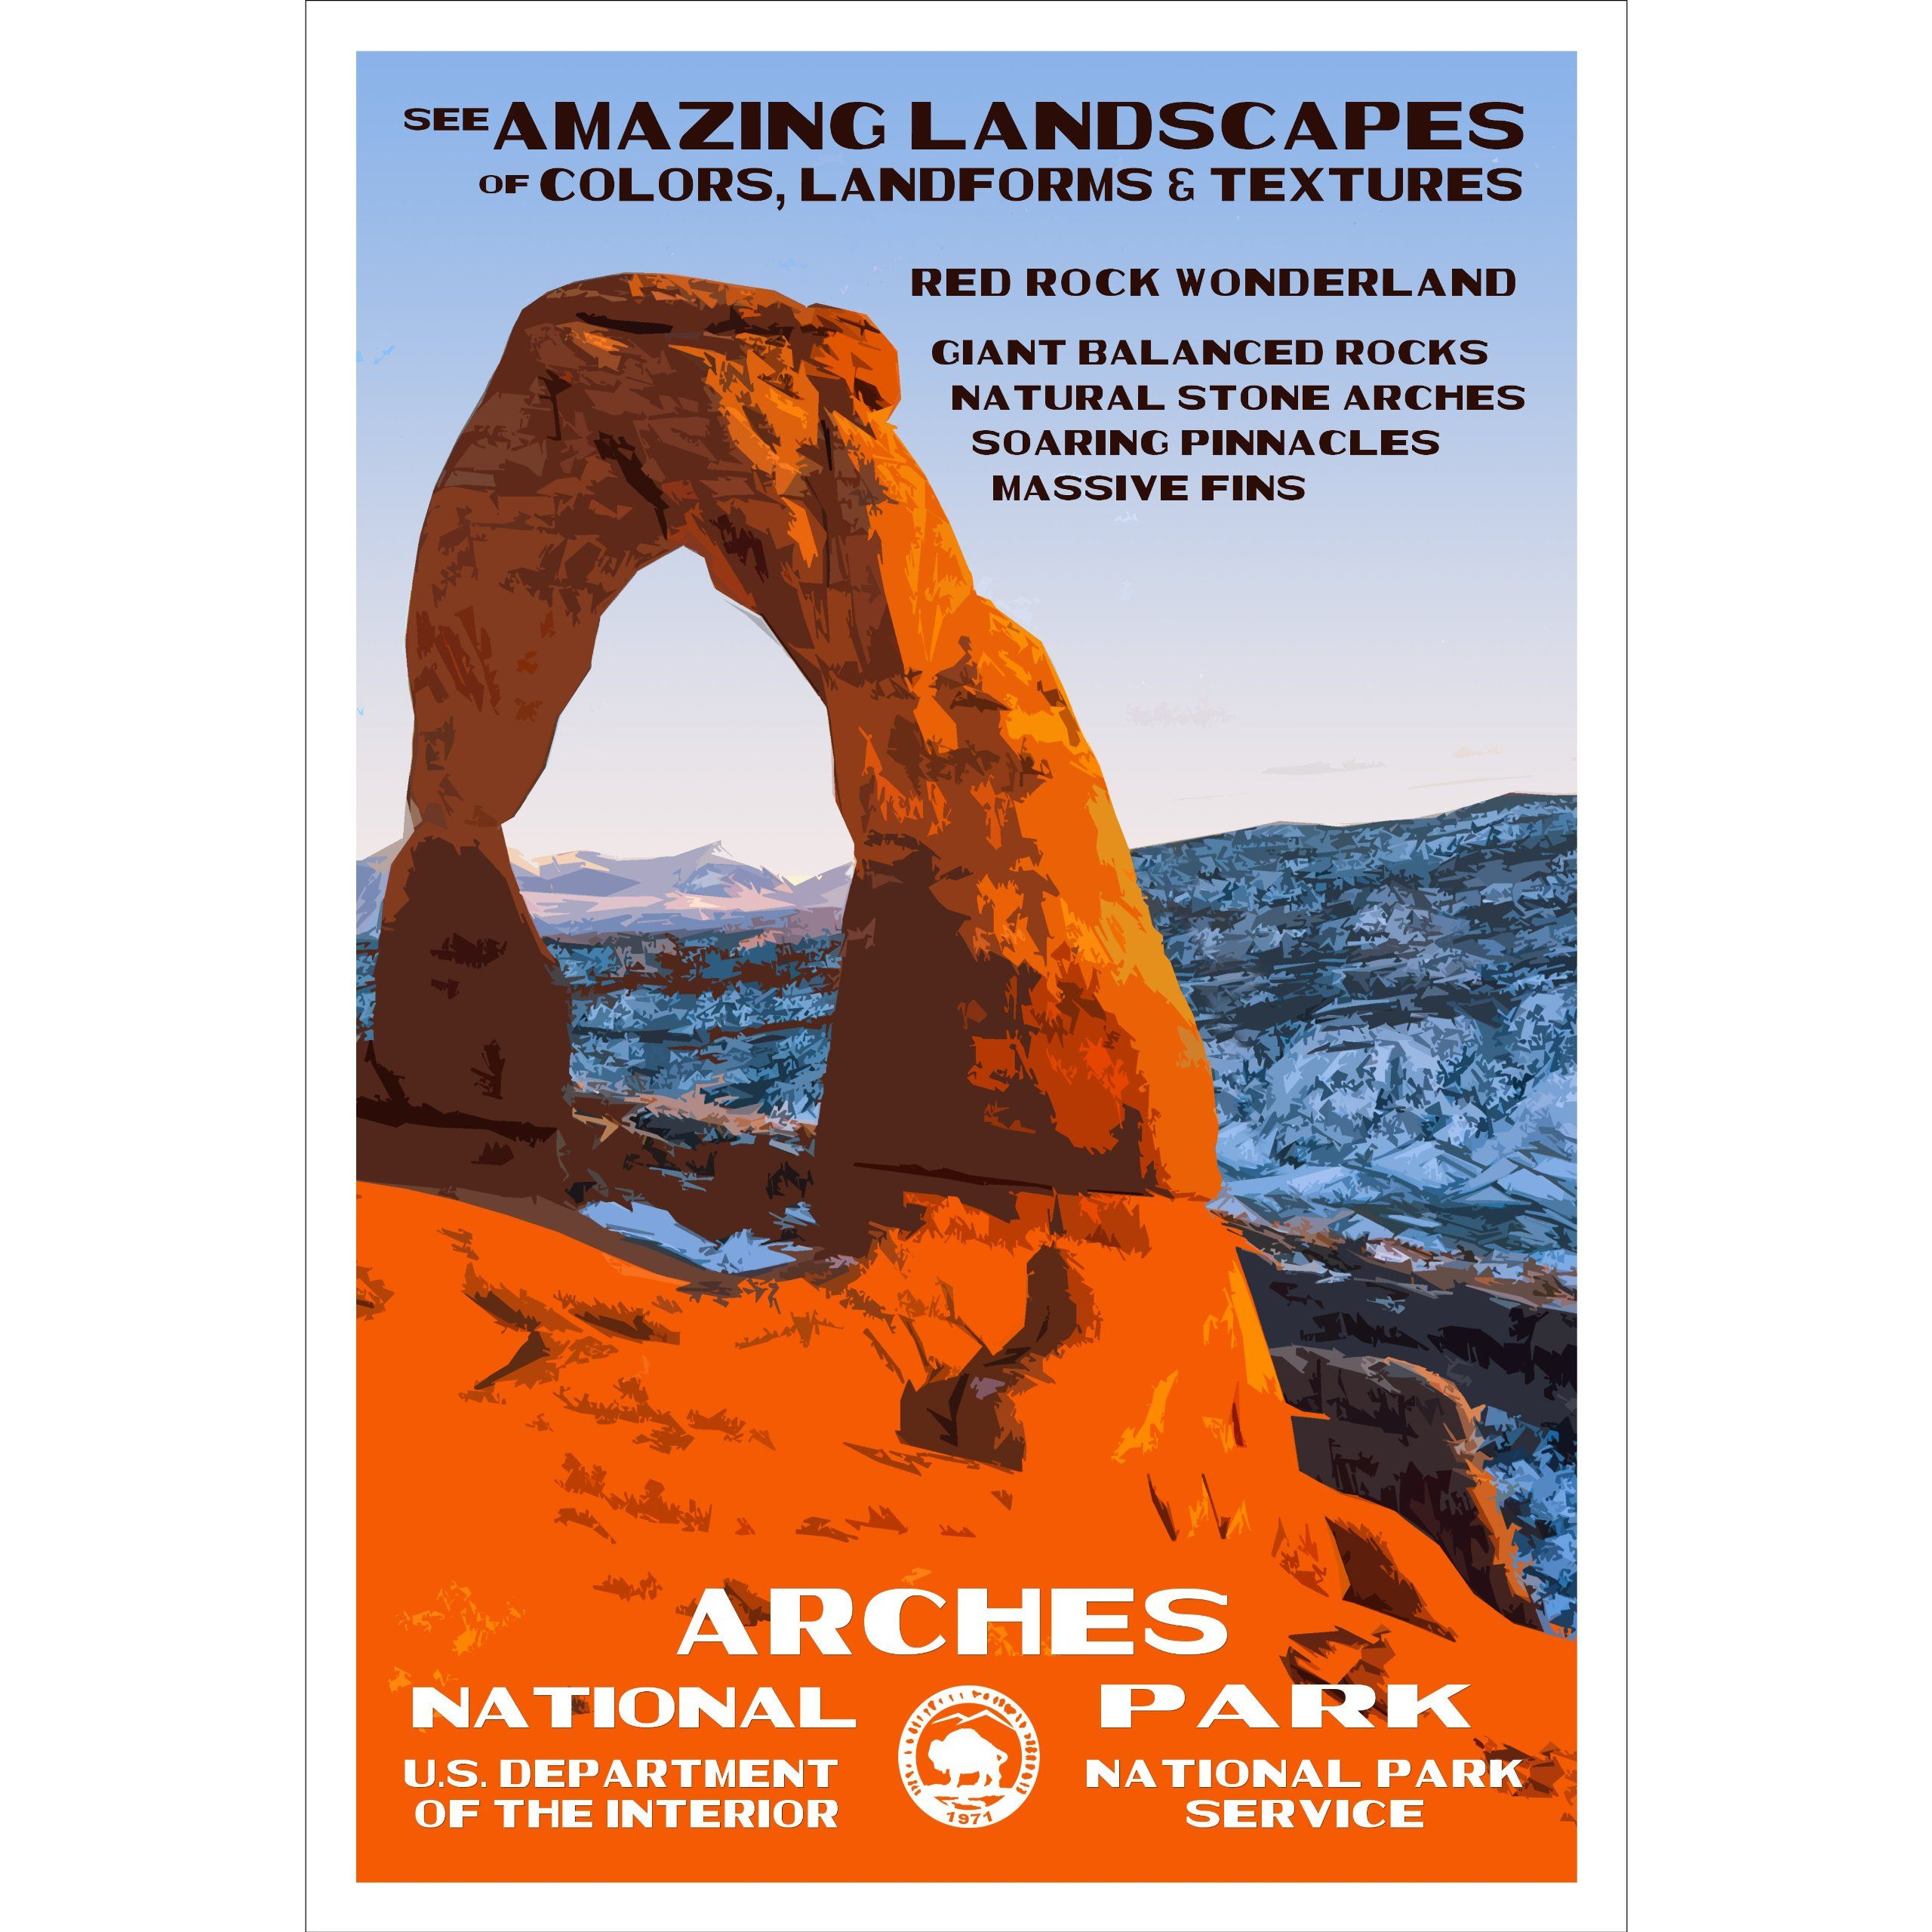 Arches National Park Poster Original Artwork 13 Quot X 19 Quot By Rob Decker W Arches National Park National Park Posters Vintage National Park Posters